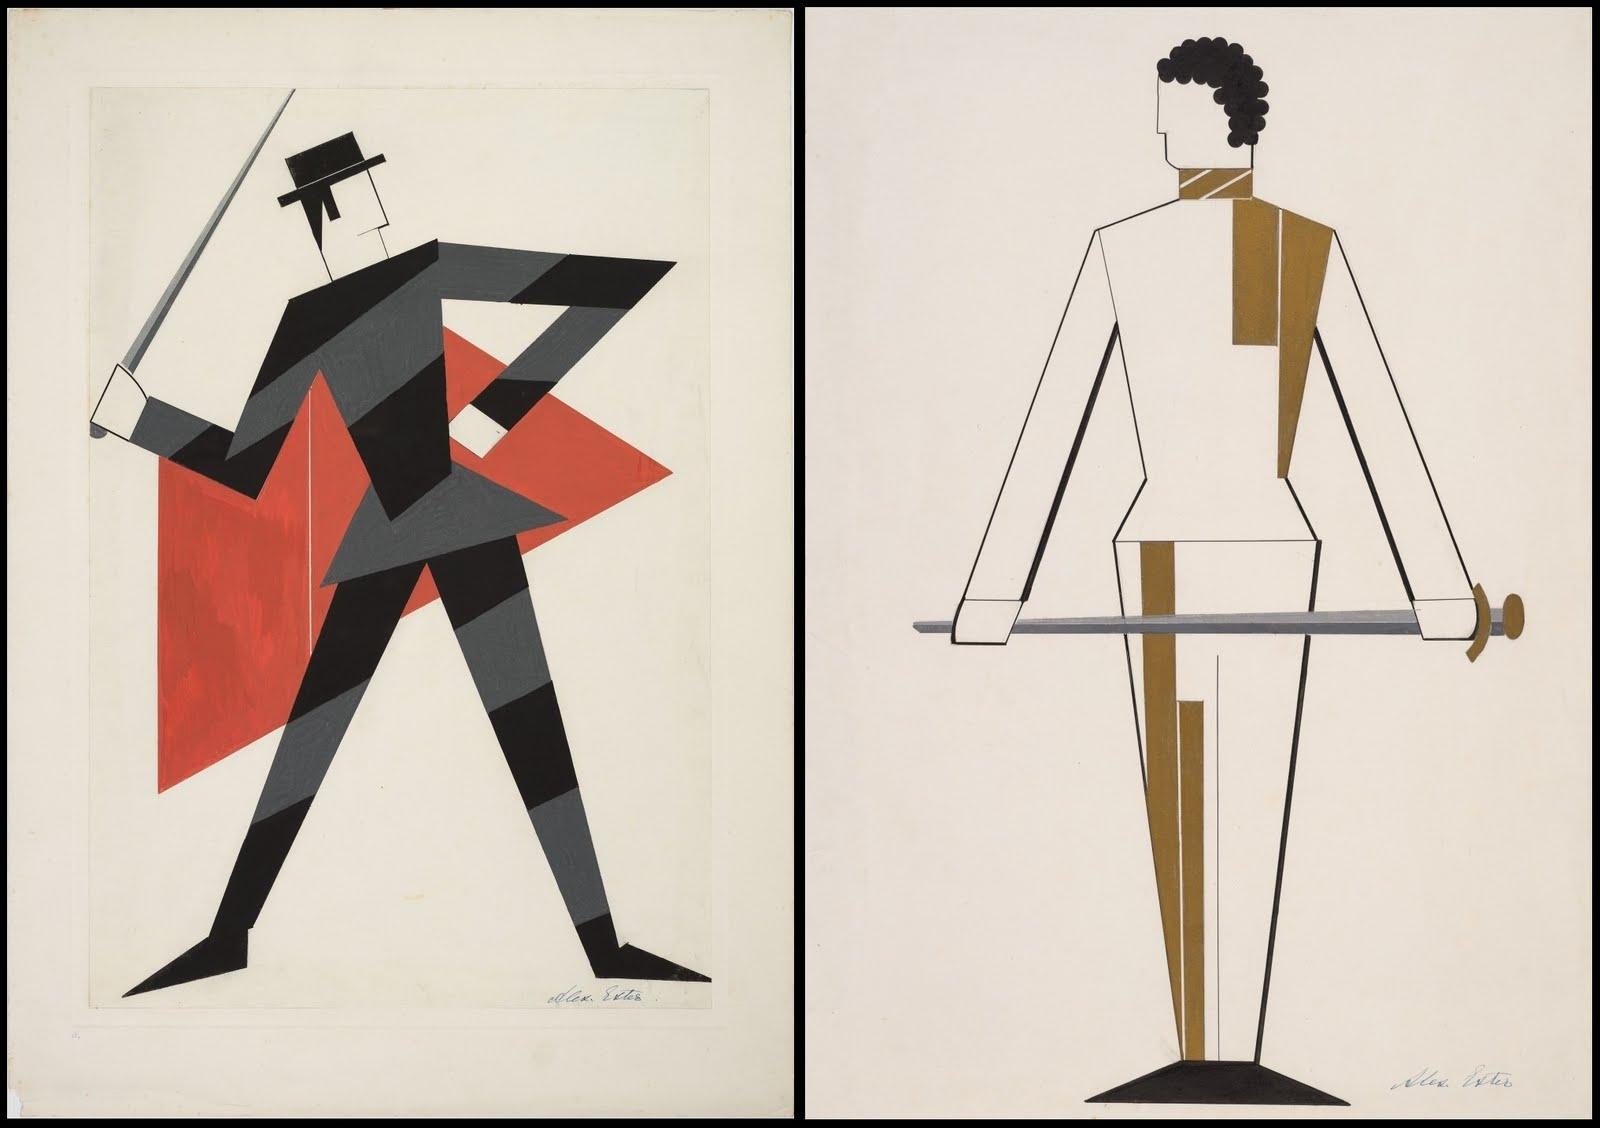 alexandra_exter_Othello - costume design - (Swordsmen) by A Exter, 1927.jpg